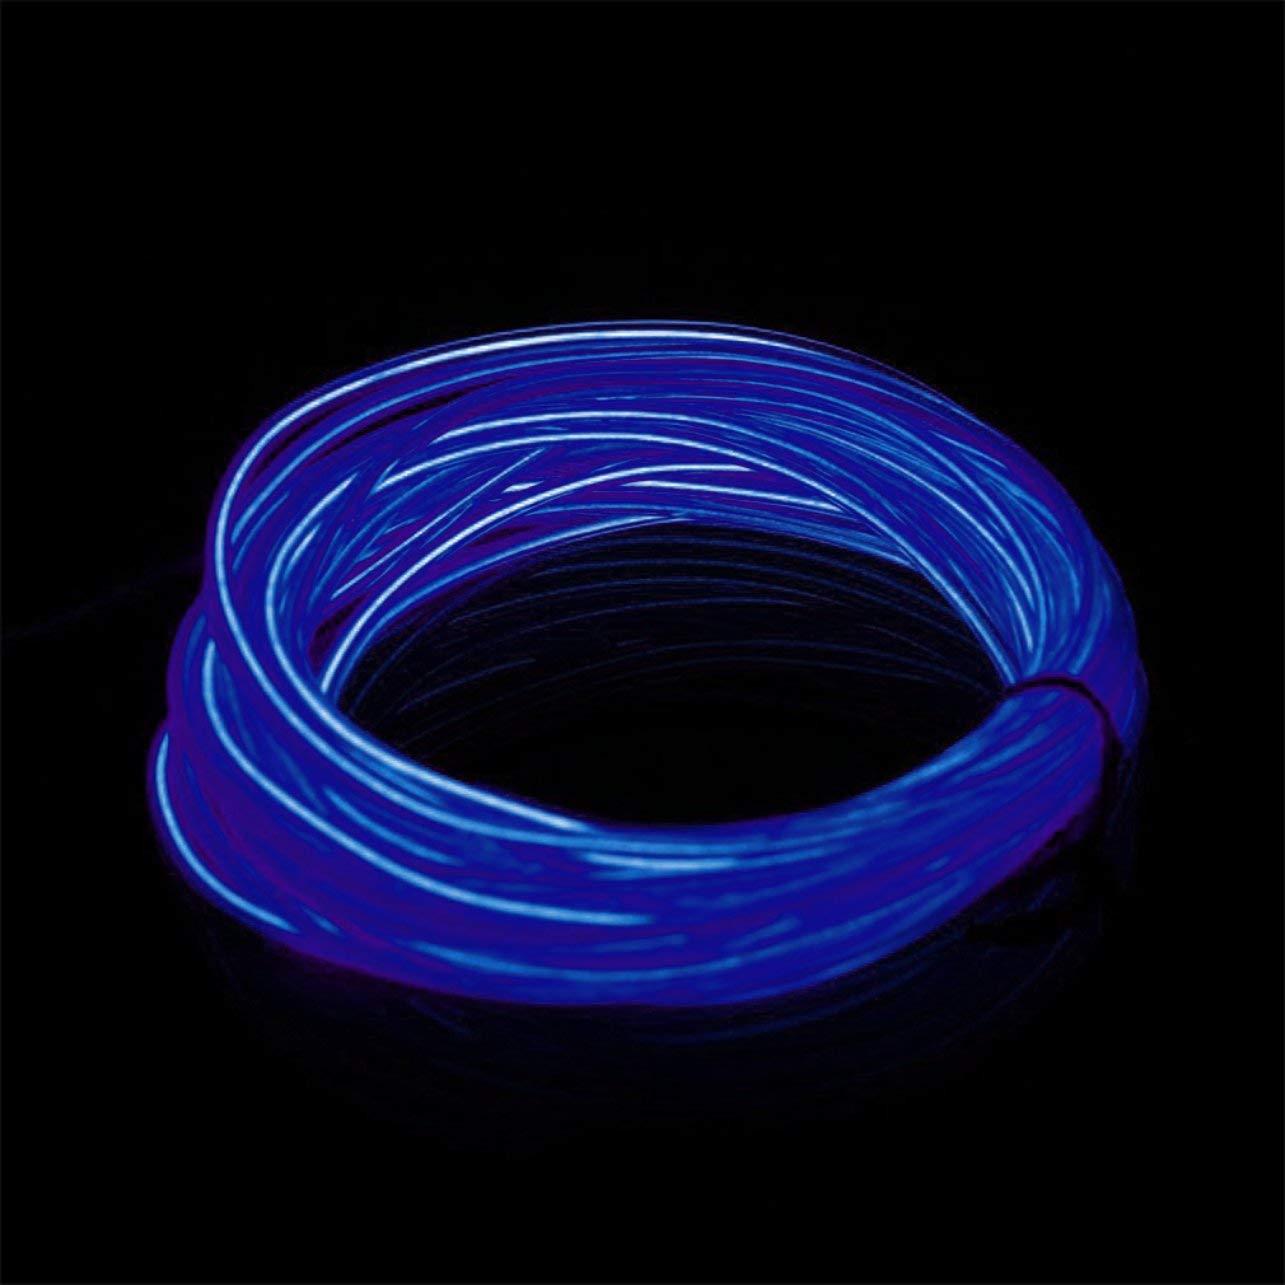 WOSOSYEYO Flexible EL Wire Neon Light 3 Metros para la Fiesta de Baile Decoraci/ón de Coches con el Controlador Impermeable de los veh/ículos del veh/ículo Luz LED